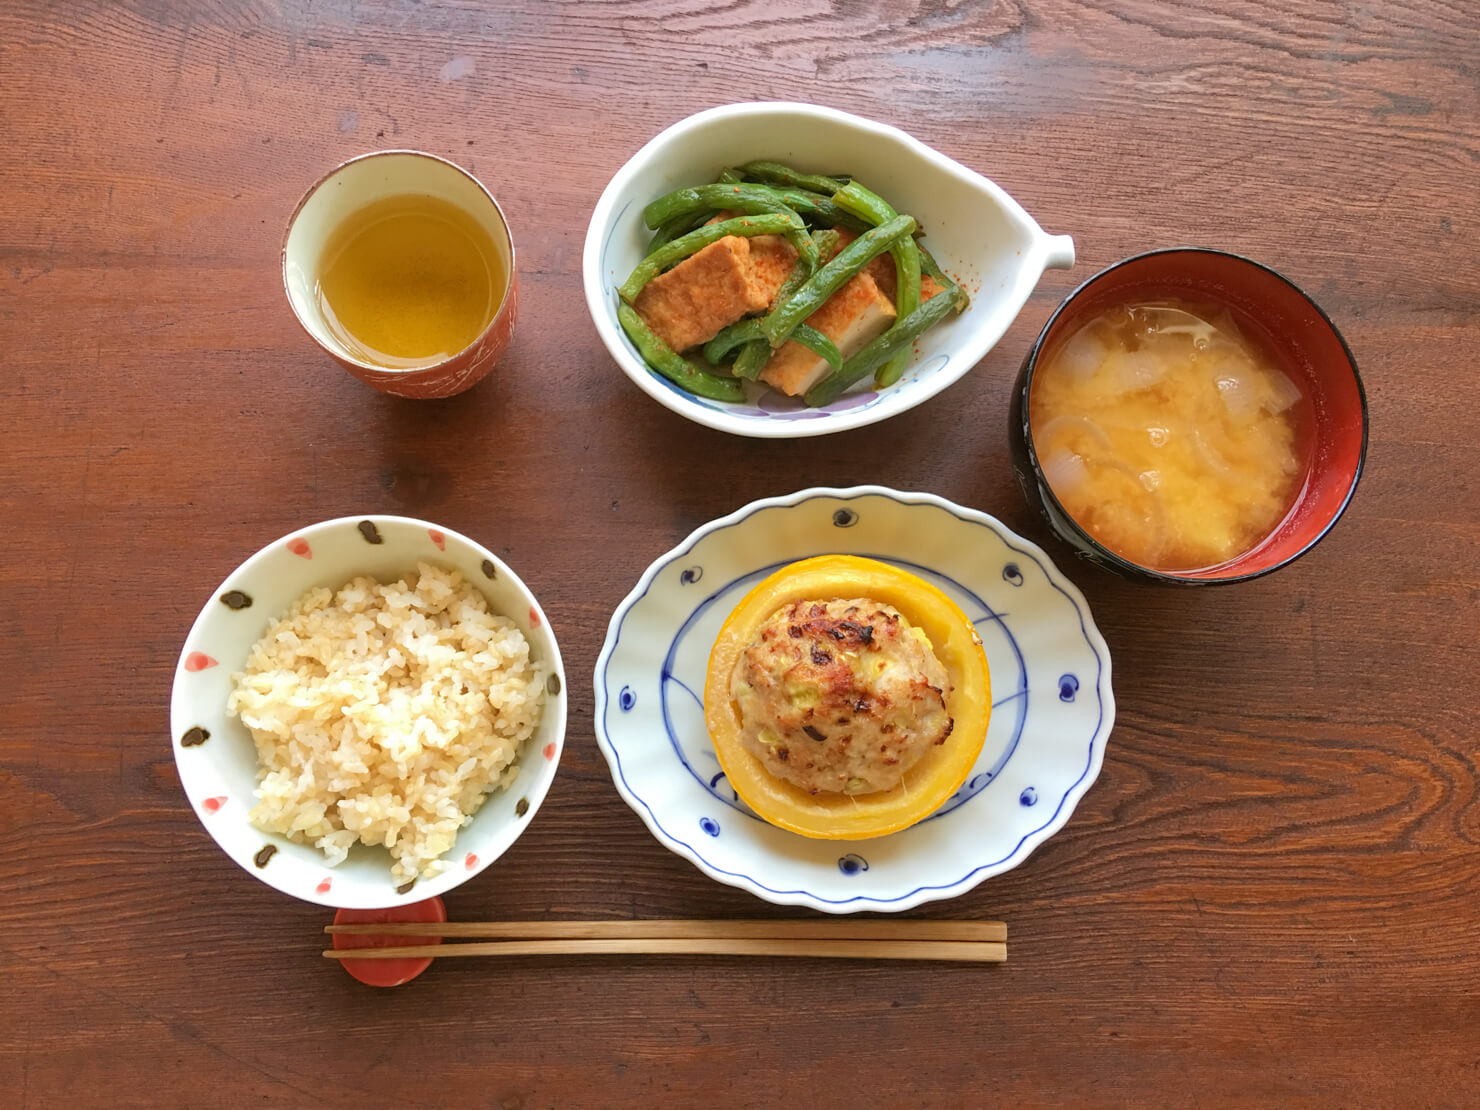 いんげんと厚揚げの煮物中心の晩御飯の写真